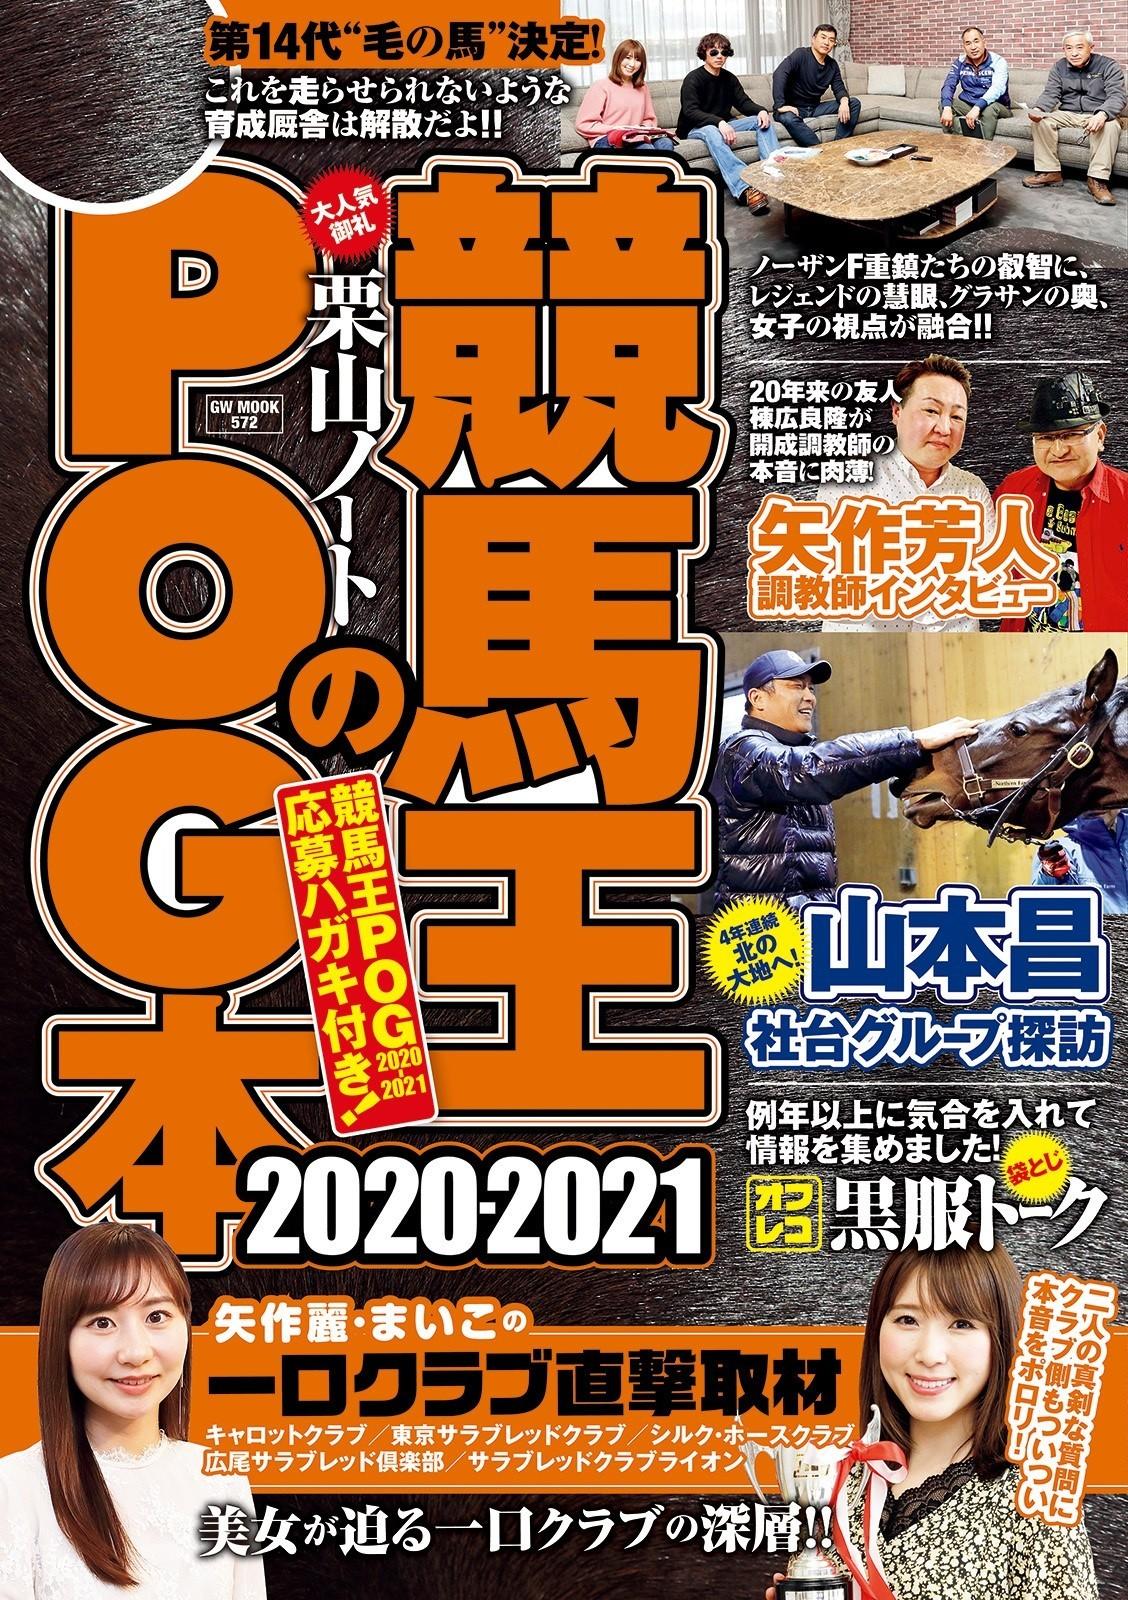 2020 東京 サラブレッド